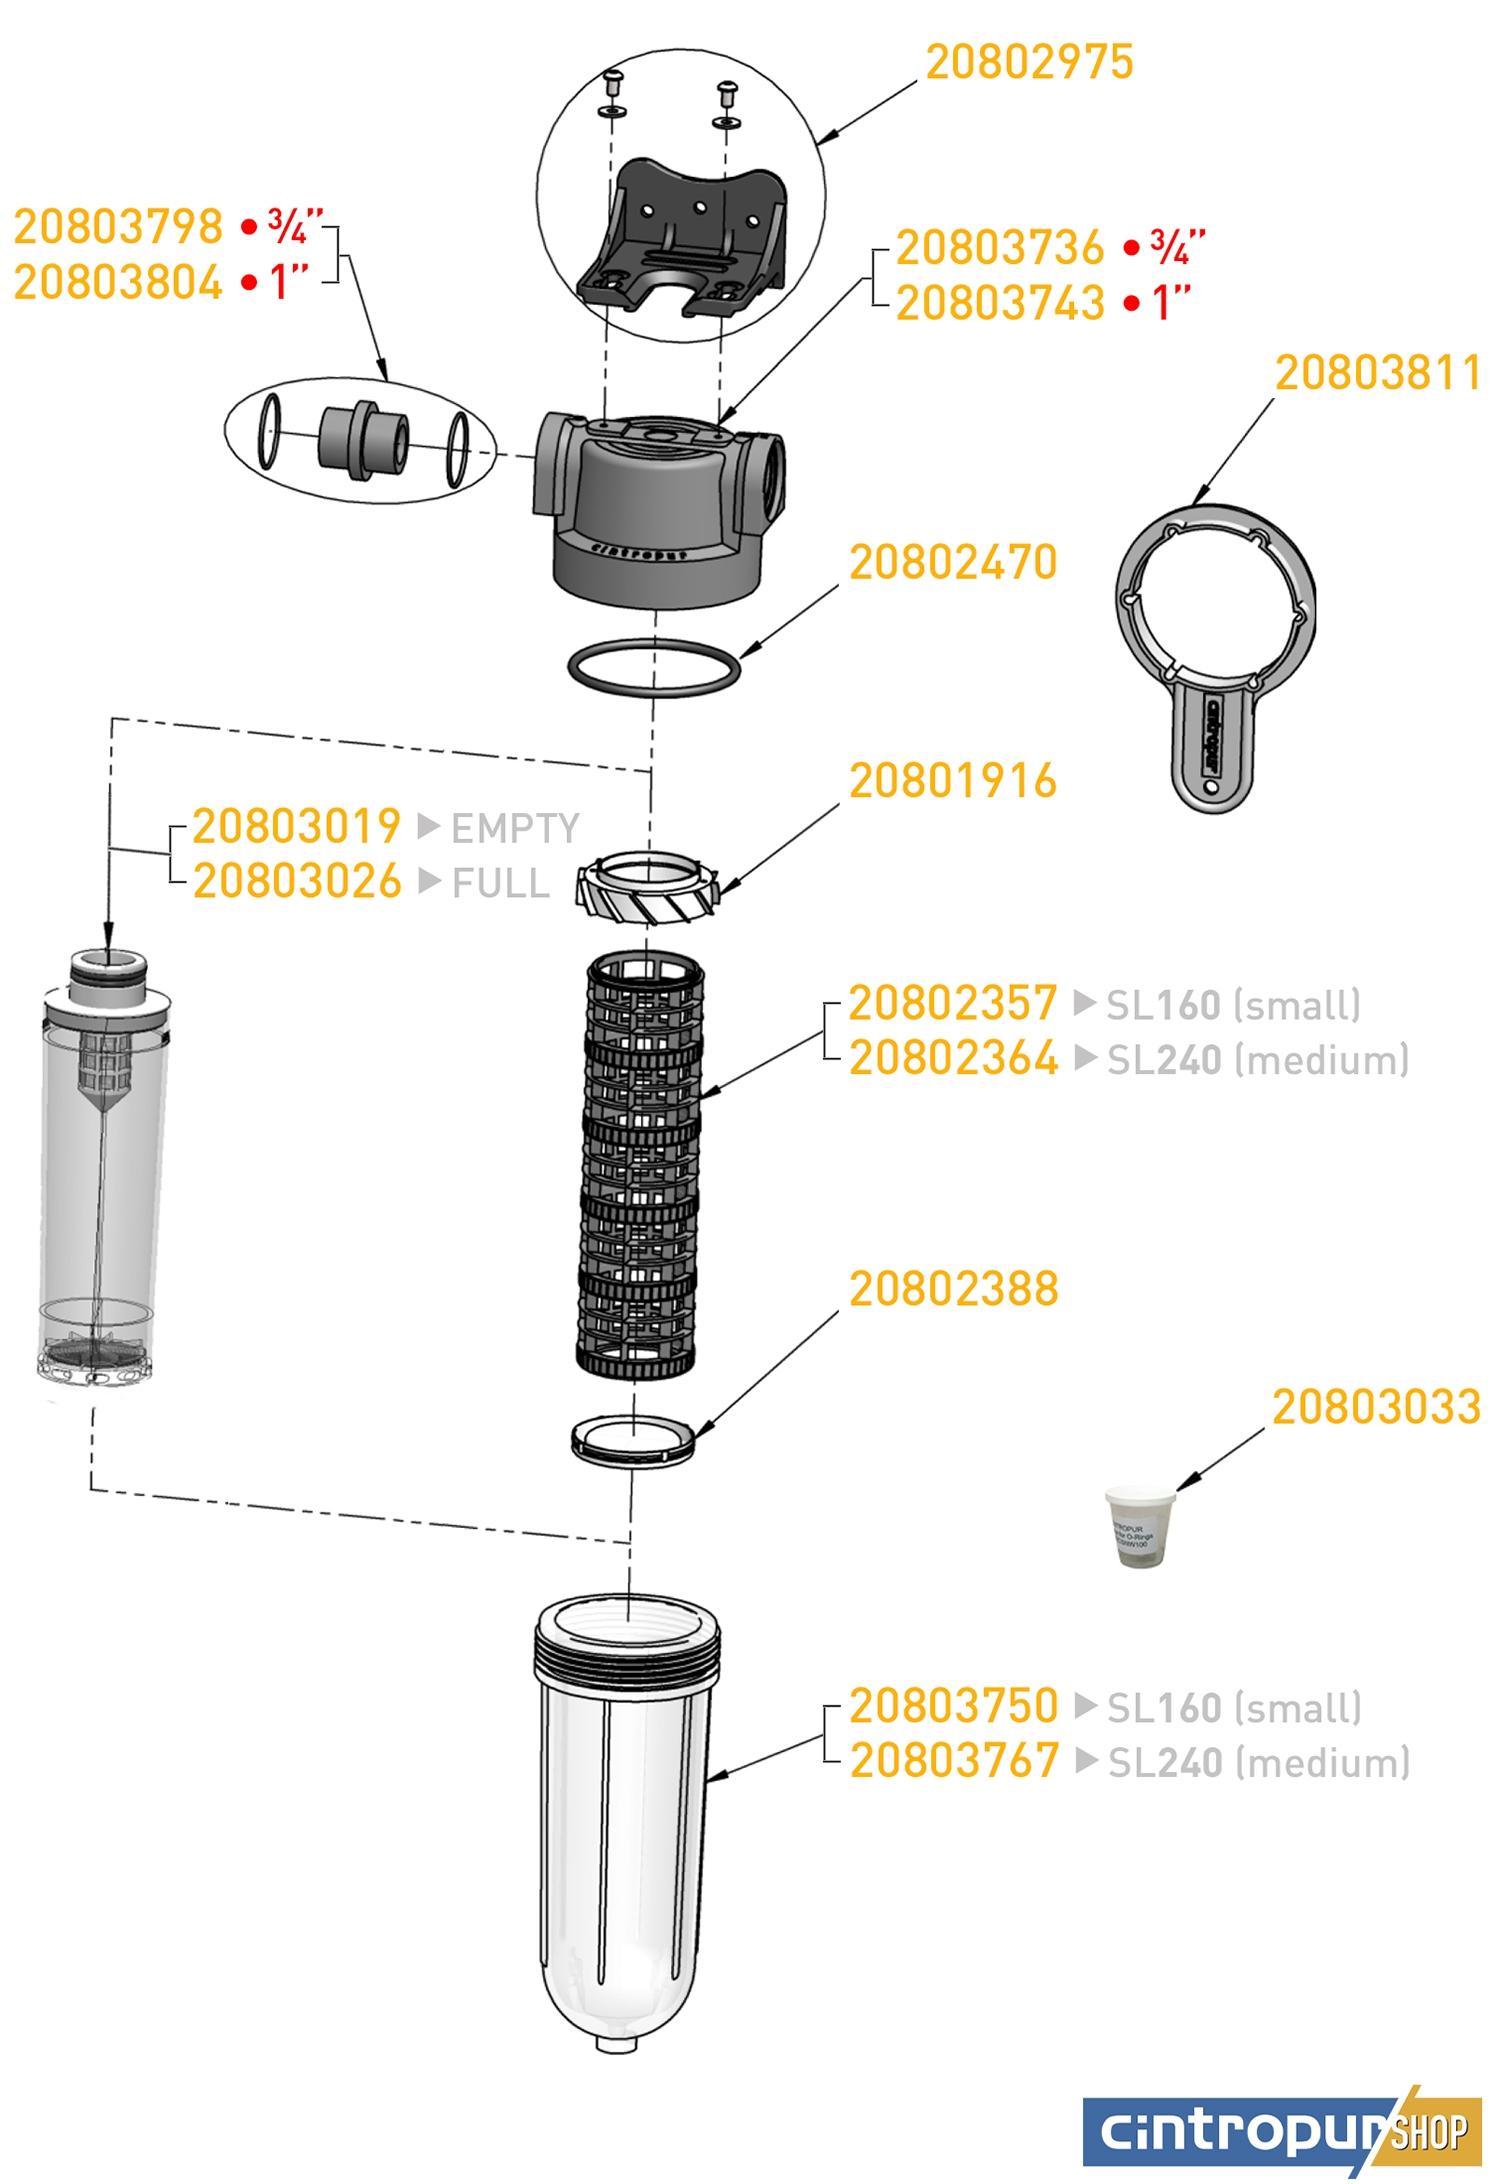 Schéma pour trouver une pièce détachée Smart Line de Cintropur avec code UGS